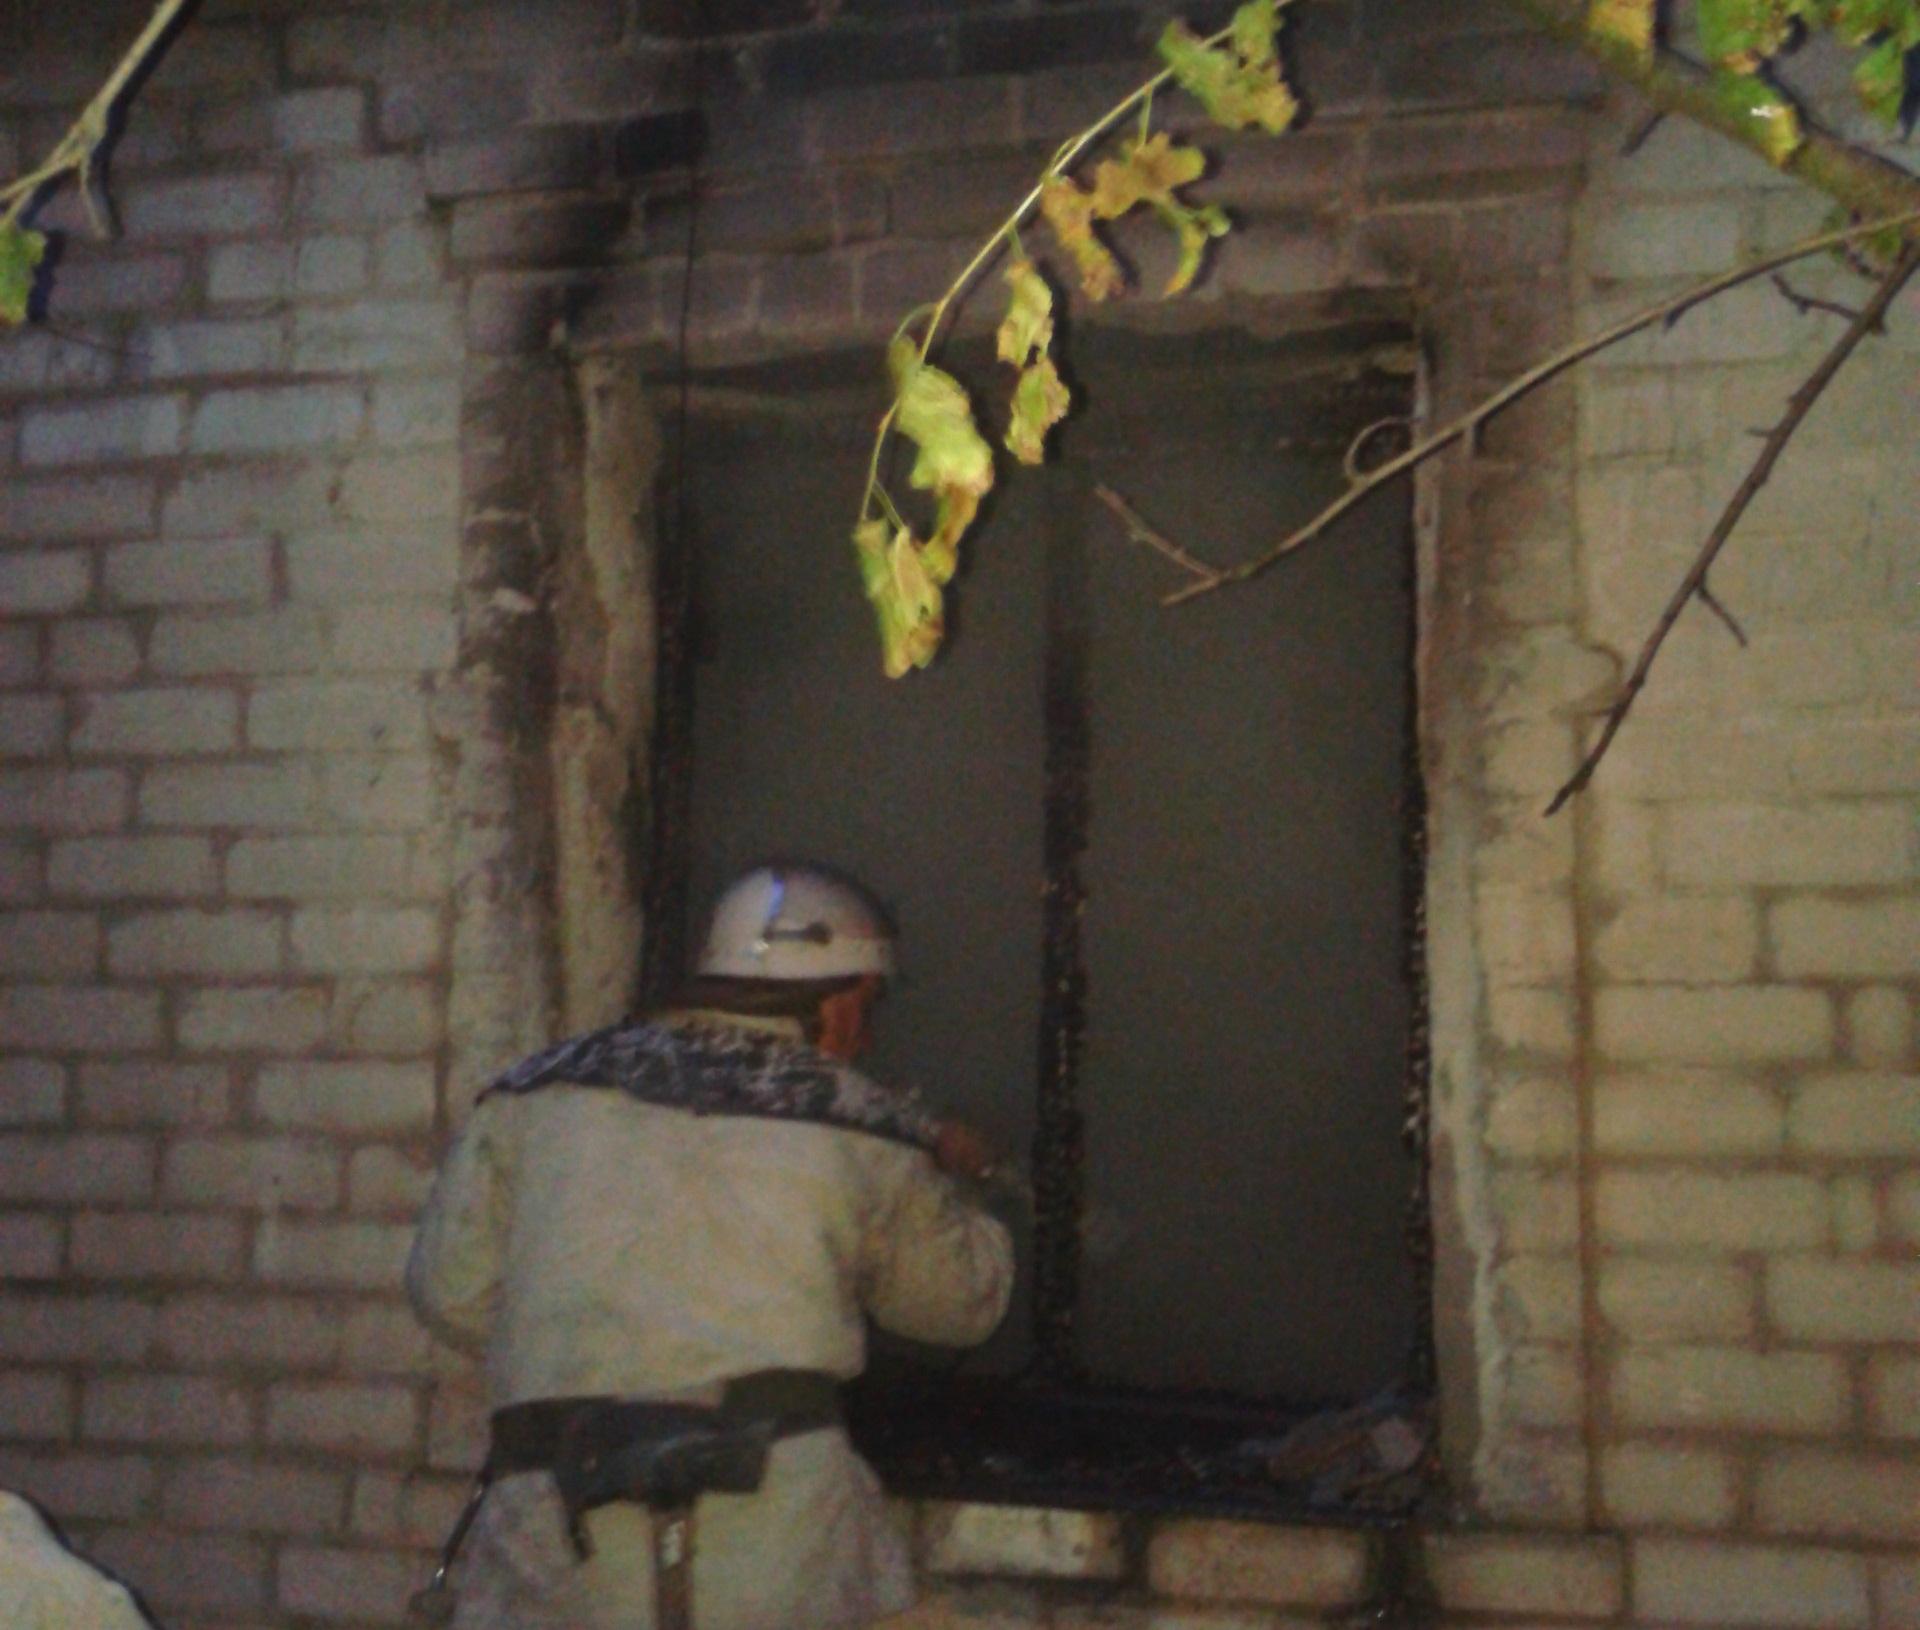 ВЗапорожской обл. врезультате пожара погибли хозяин дома иего сын